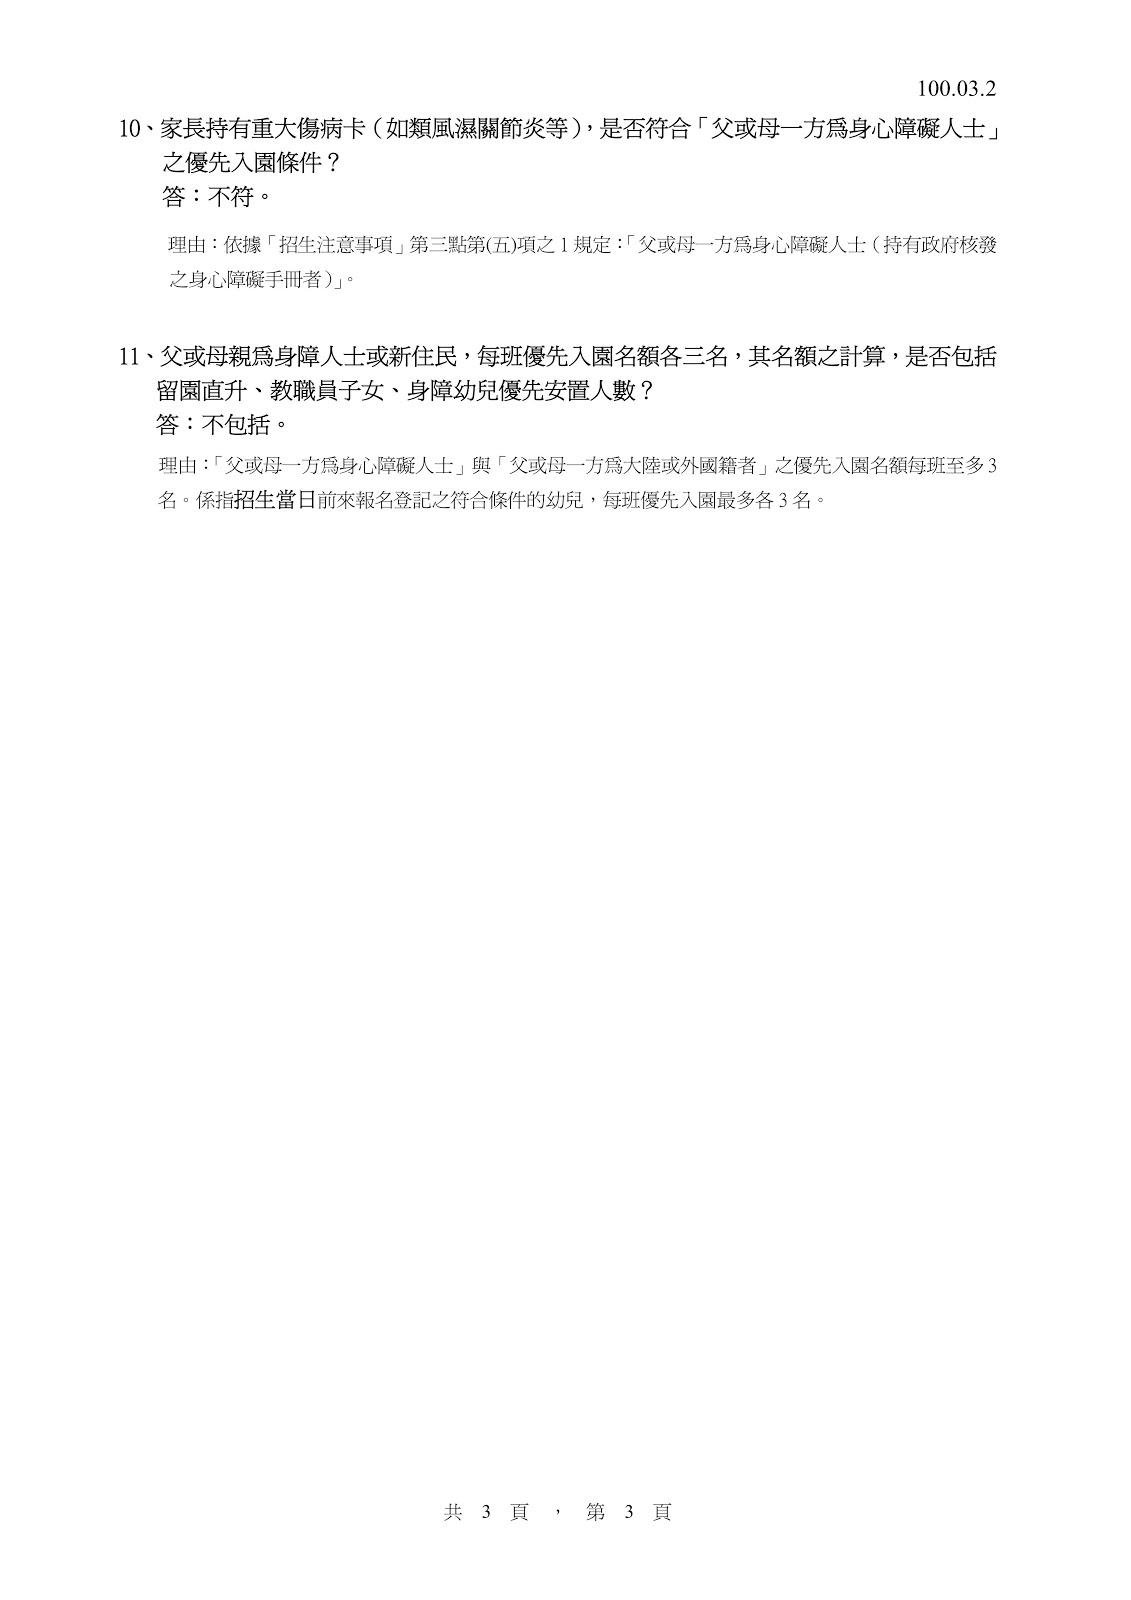 新北市汐止區金龍國民小學附設幼兒園: 2011